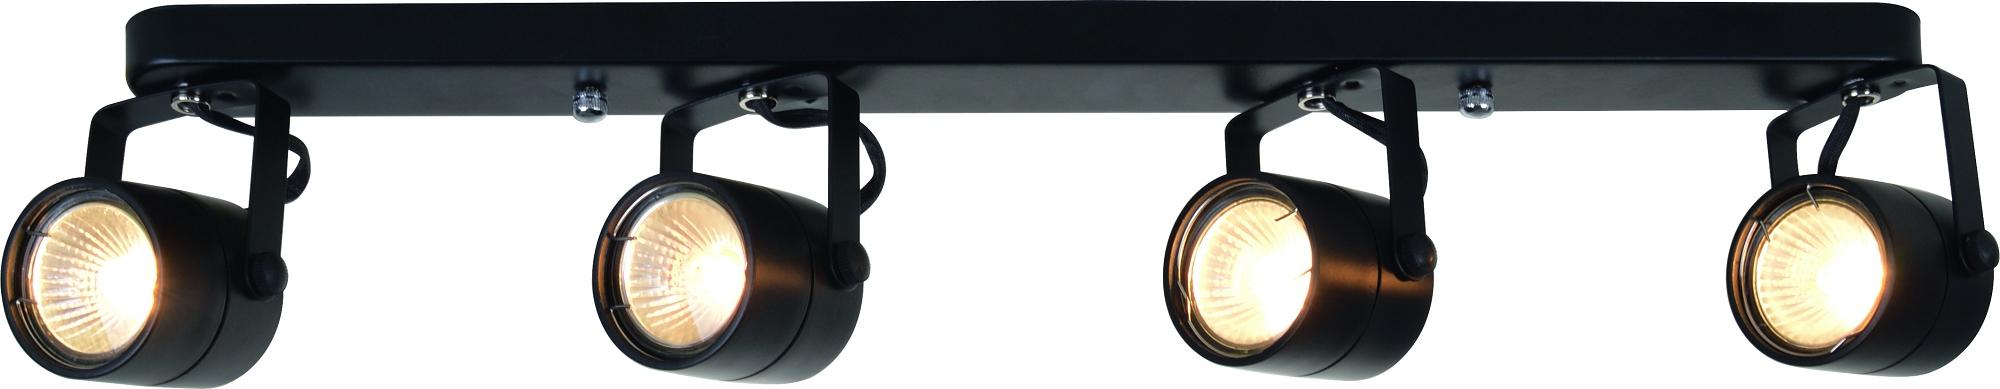 Фото товара A1310PL-4BK Arte Lamp